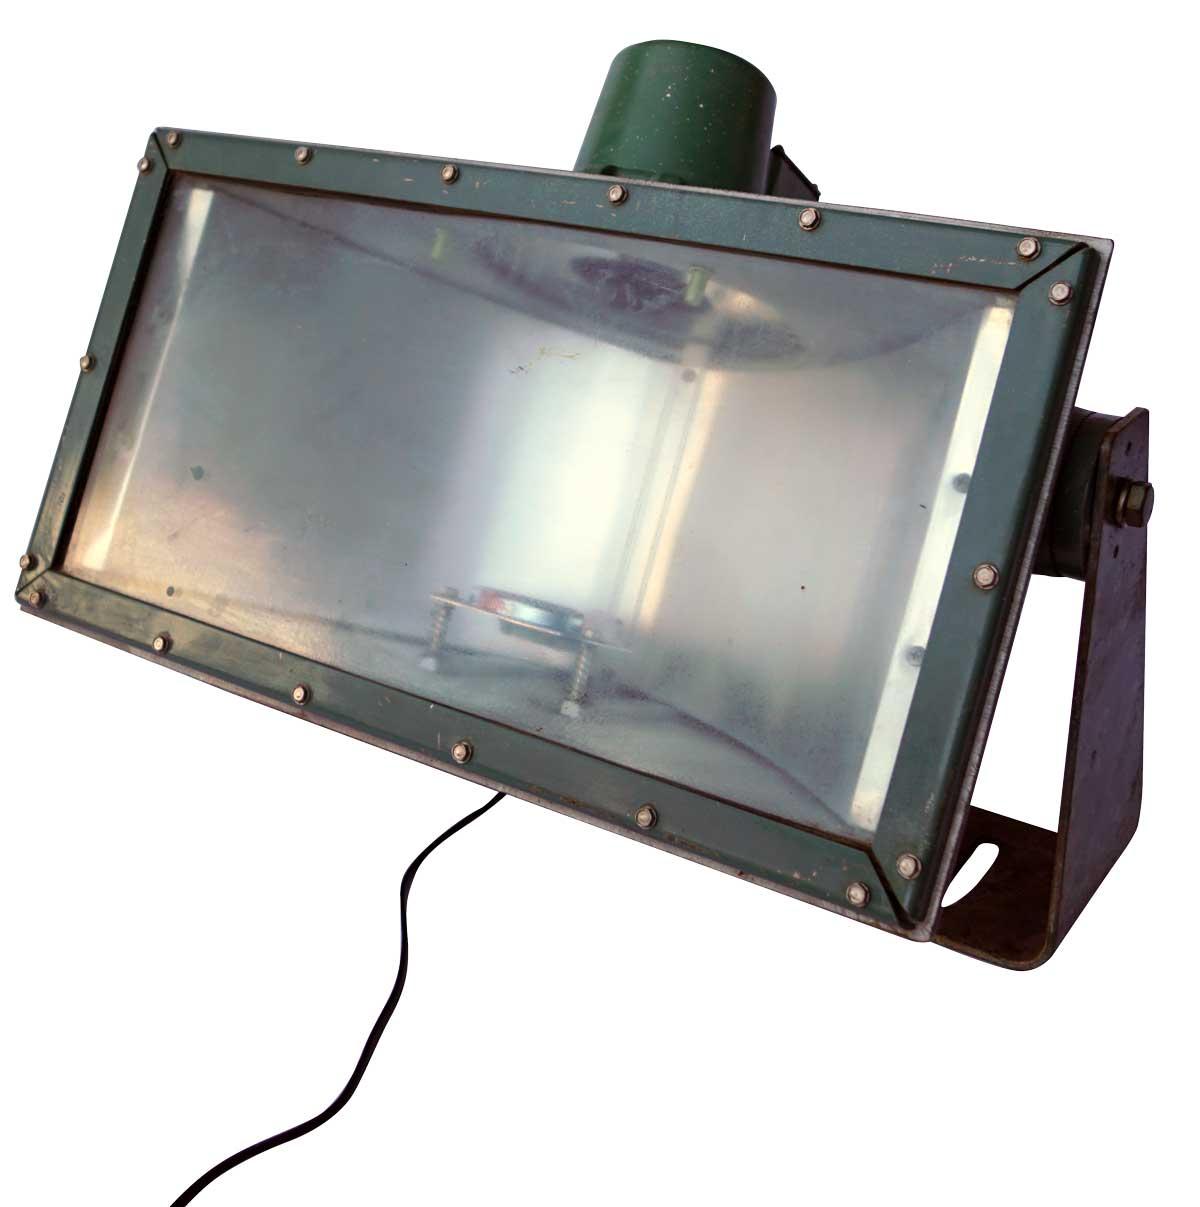 TRADEMARK LIVING industrilampe - grn jern og glas, gammel industrilampe